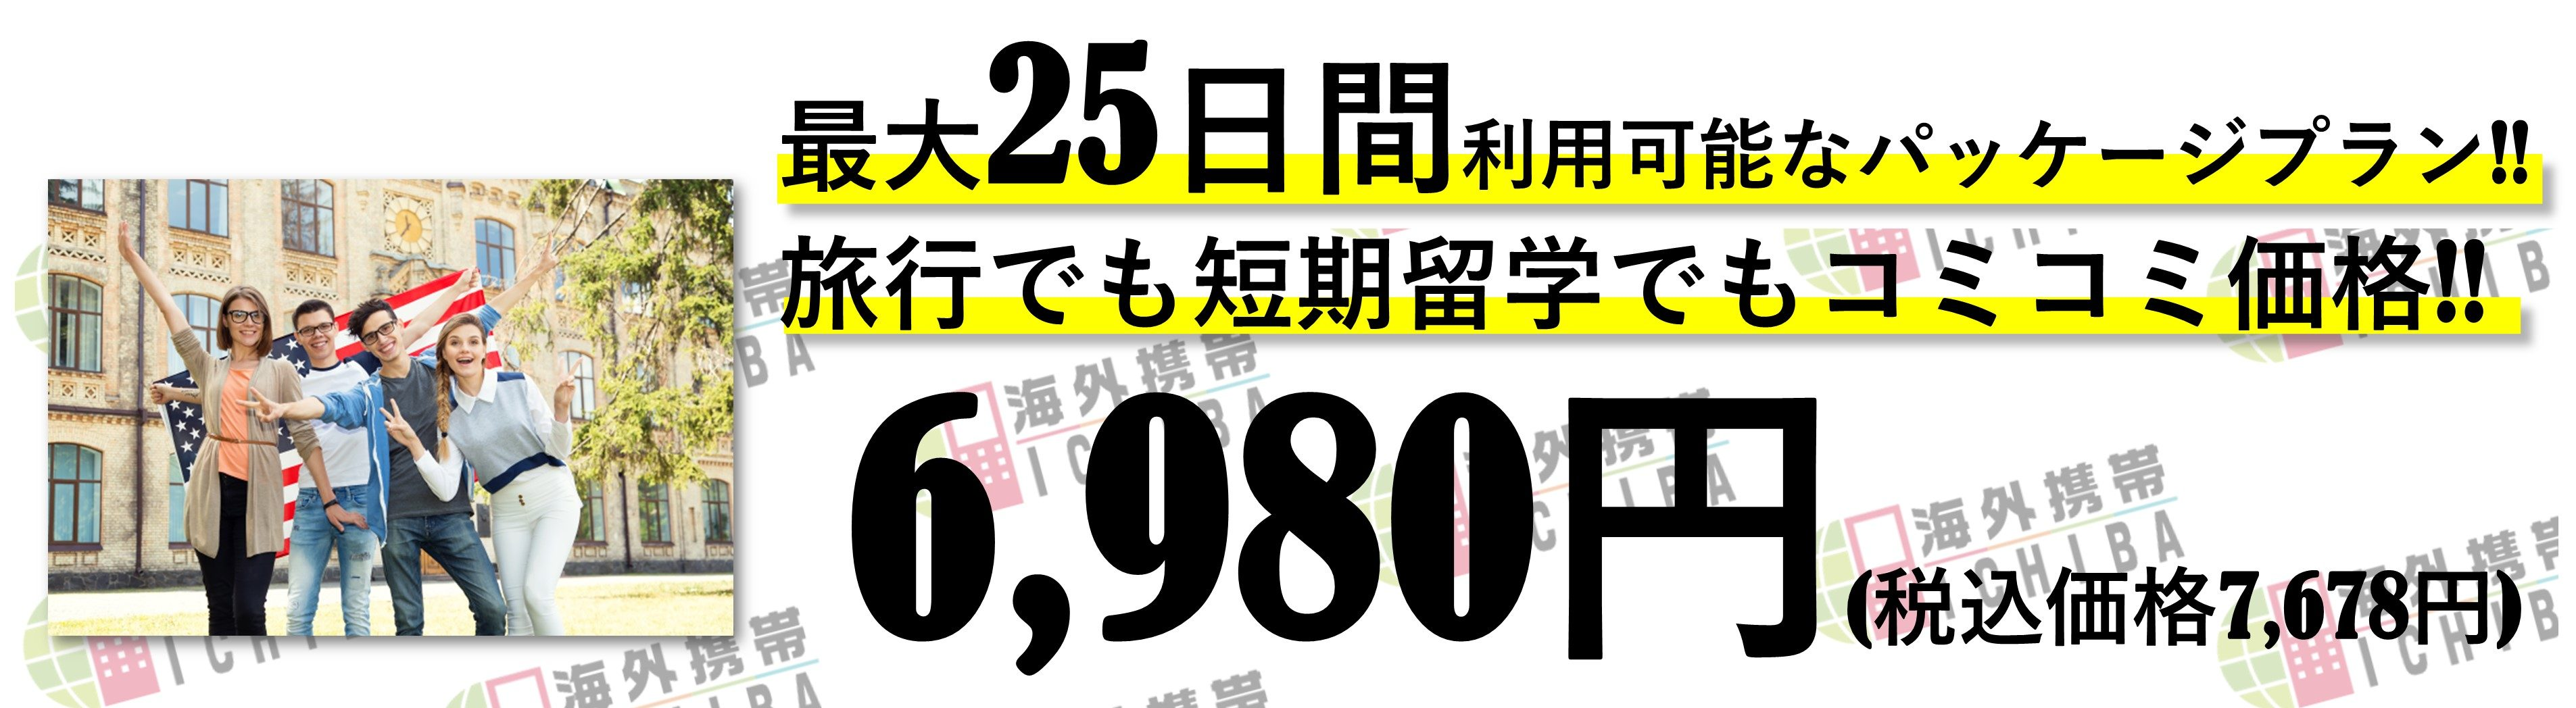 海外携帯市場 バナー素材 02